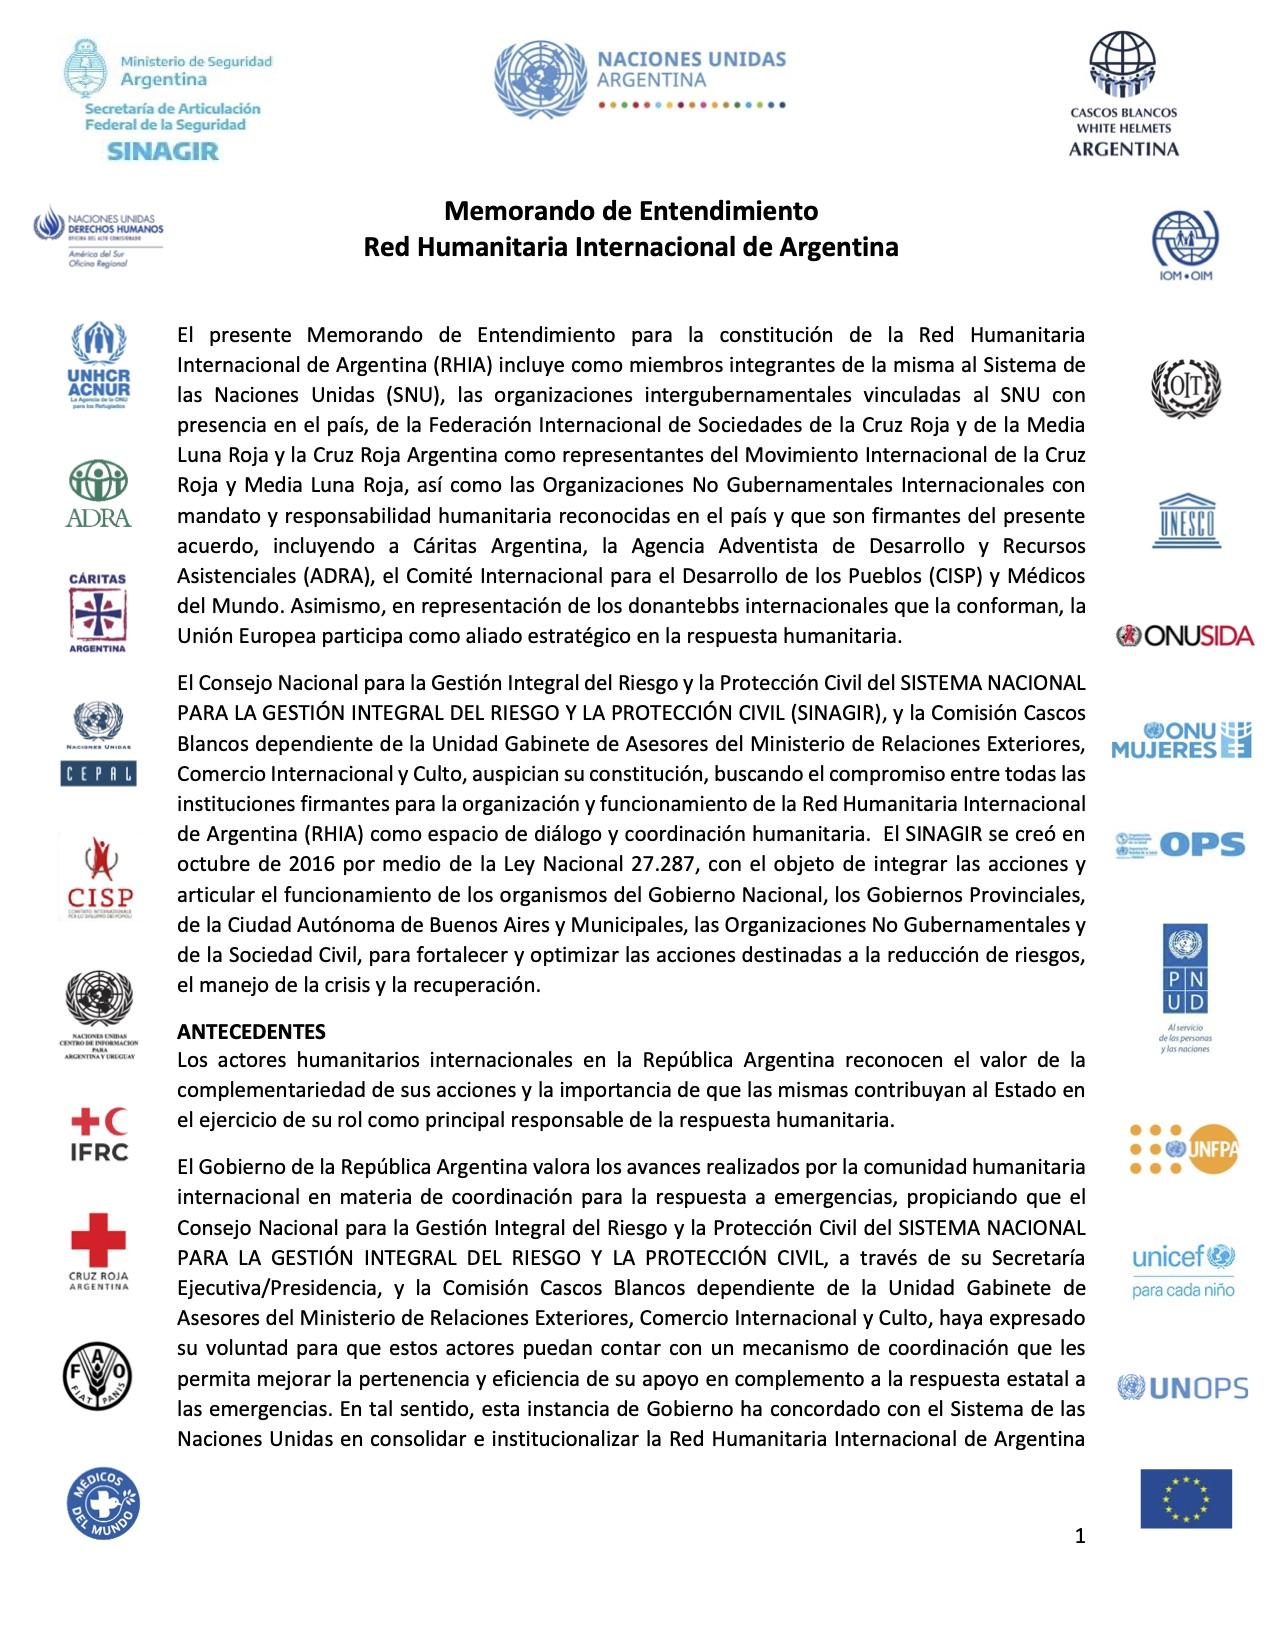 Memorando de Entendimiento: Red Humanitaria Internacional de Argentina (RHIA)